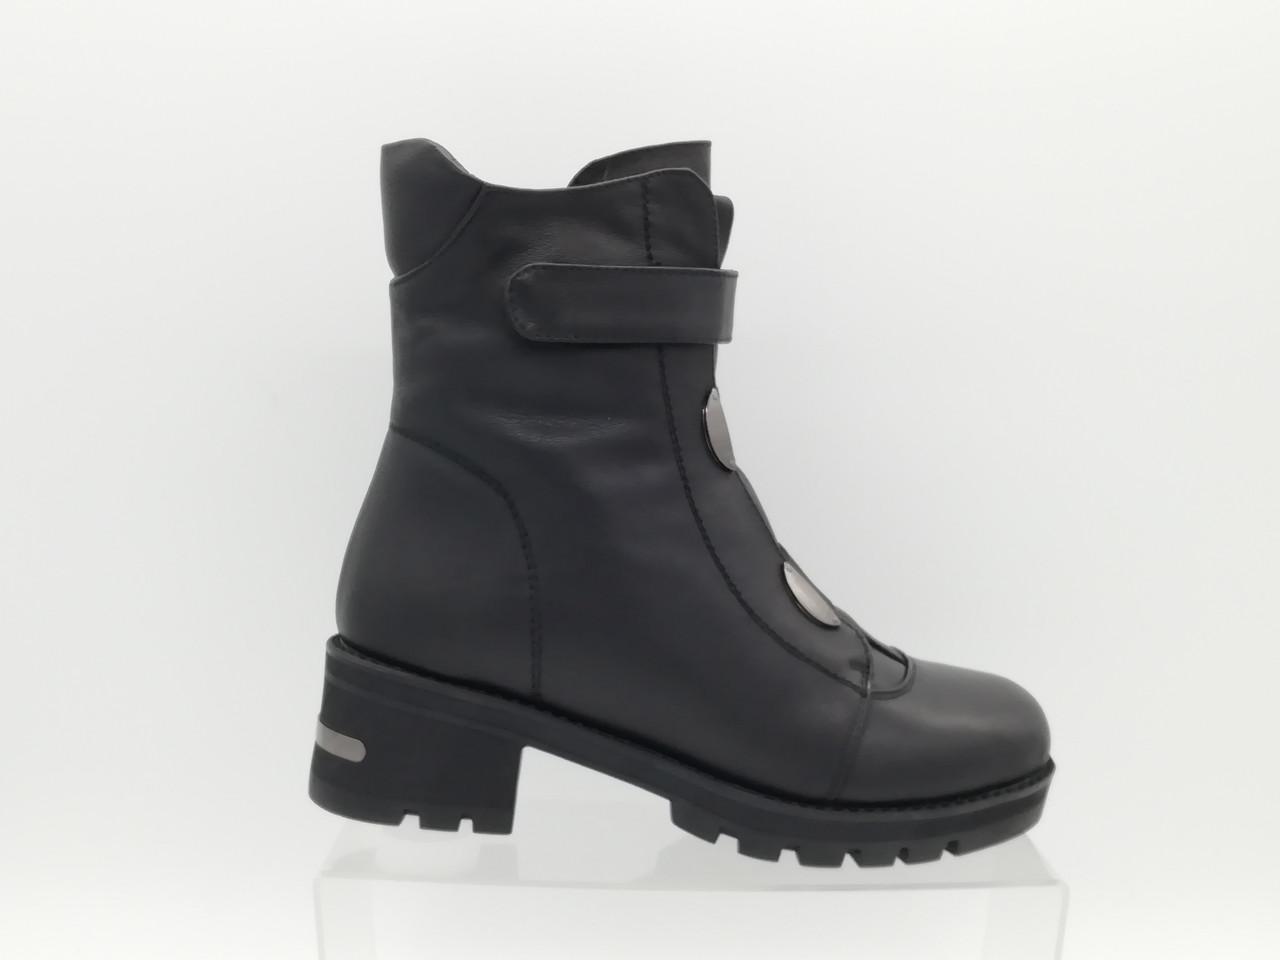 Зимові черевики на товстій підошві Erisses. Маленькі (33 - 35) розміри.